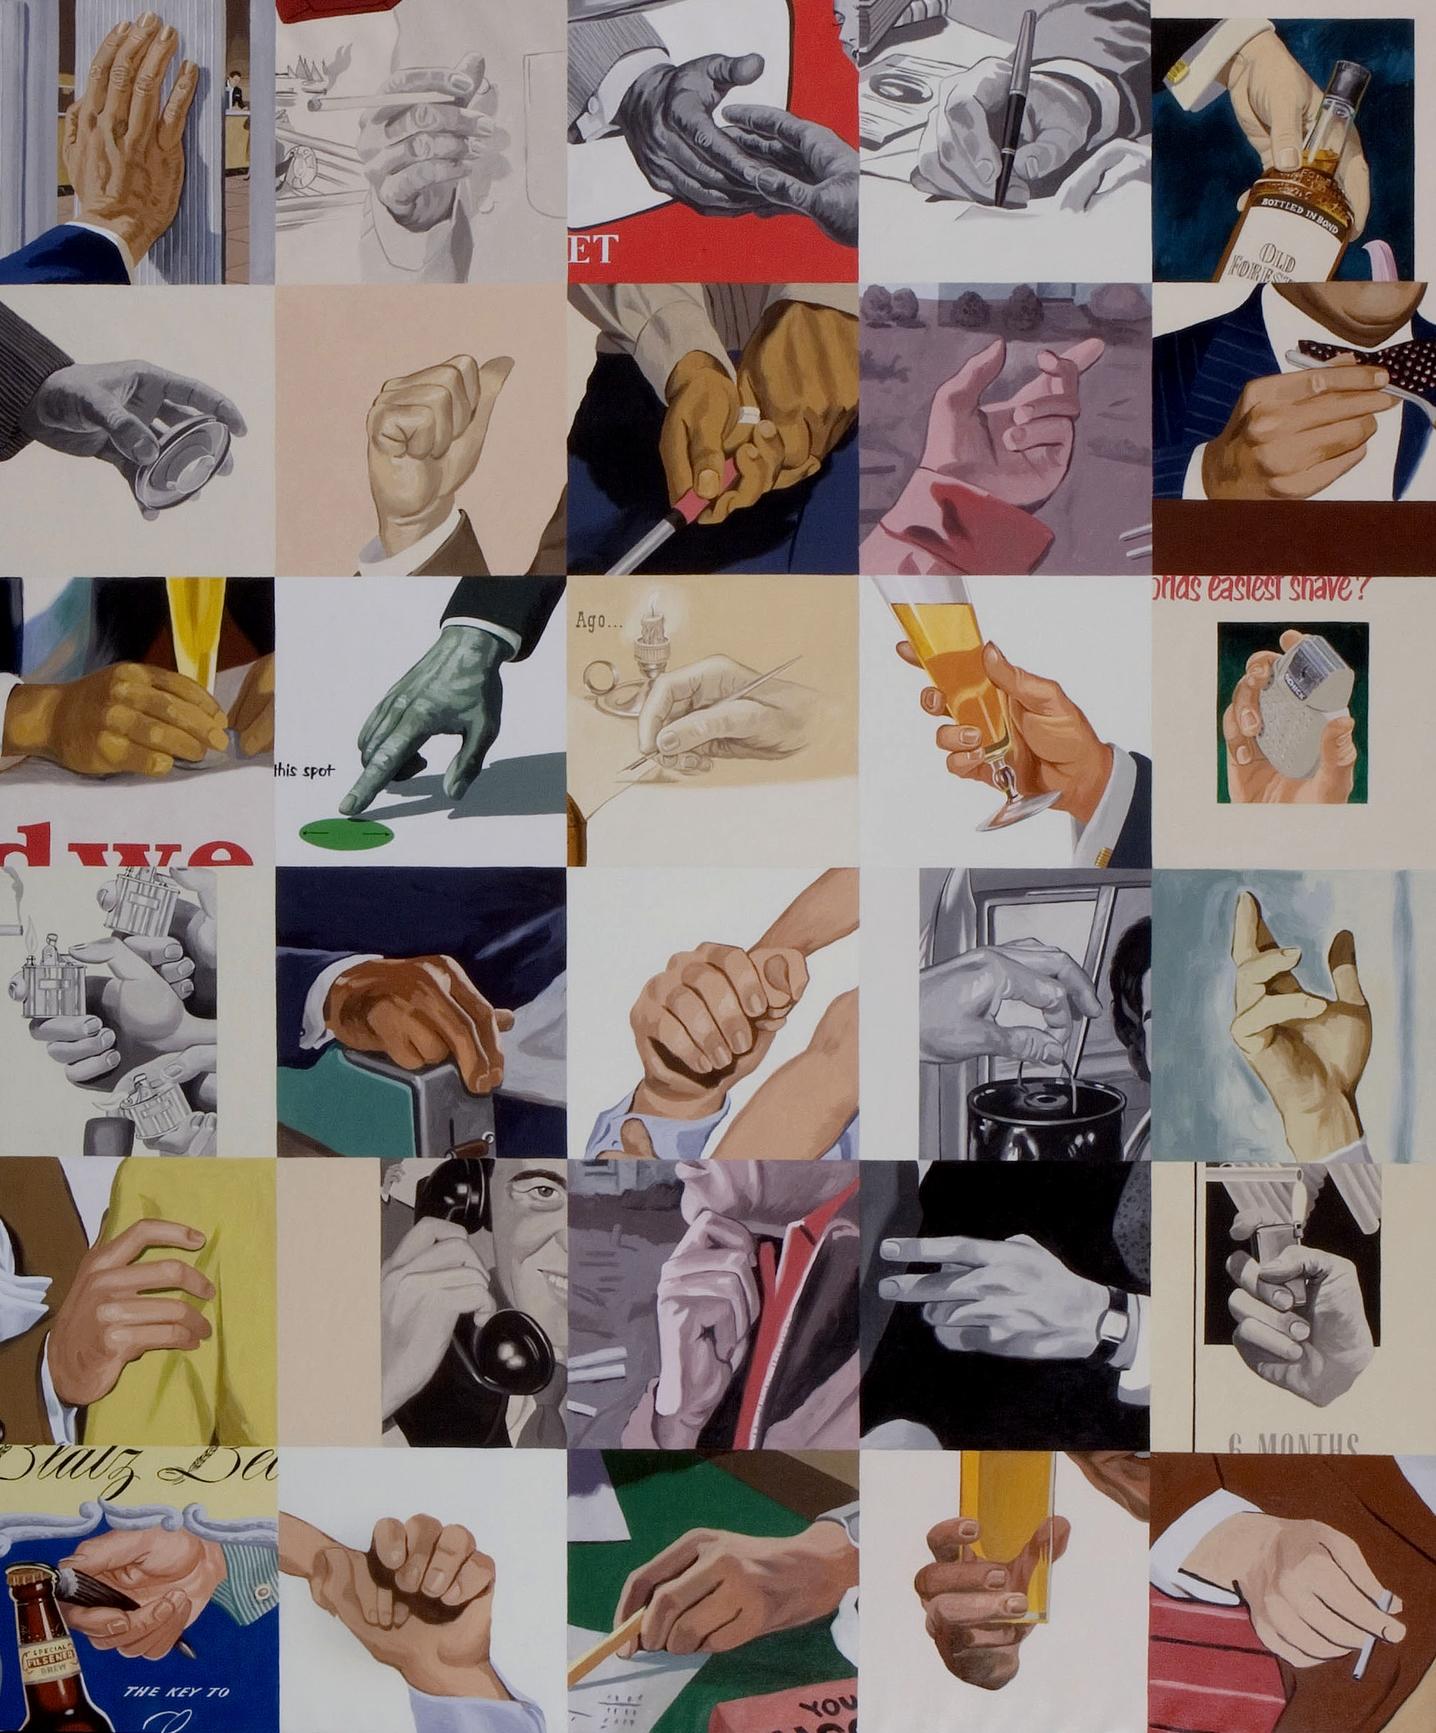 Men's Hands (Handshake)